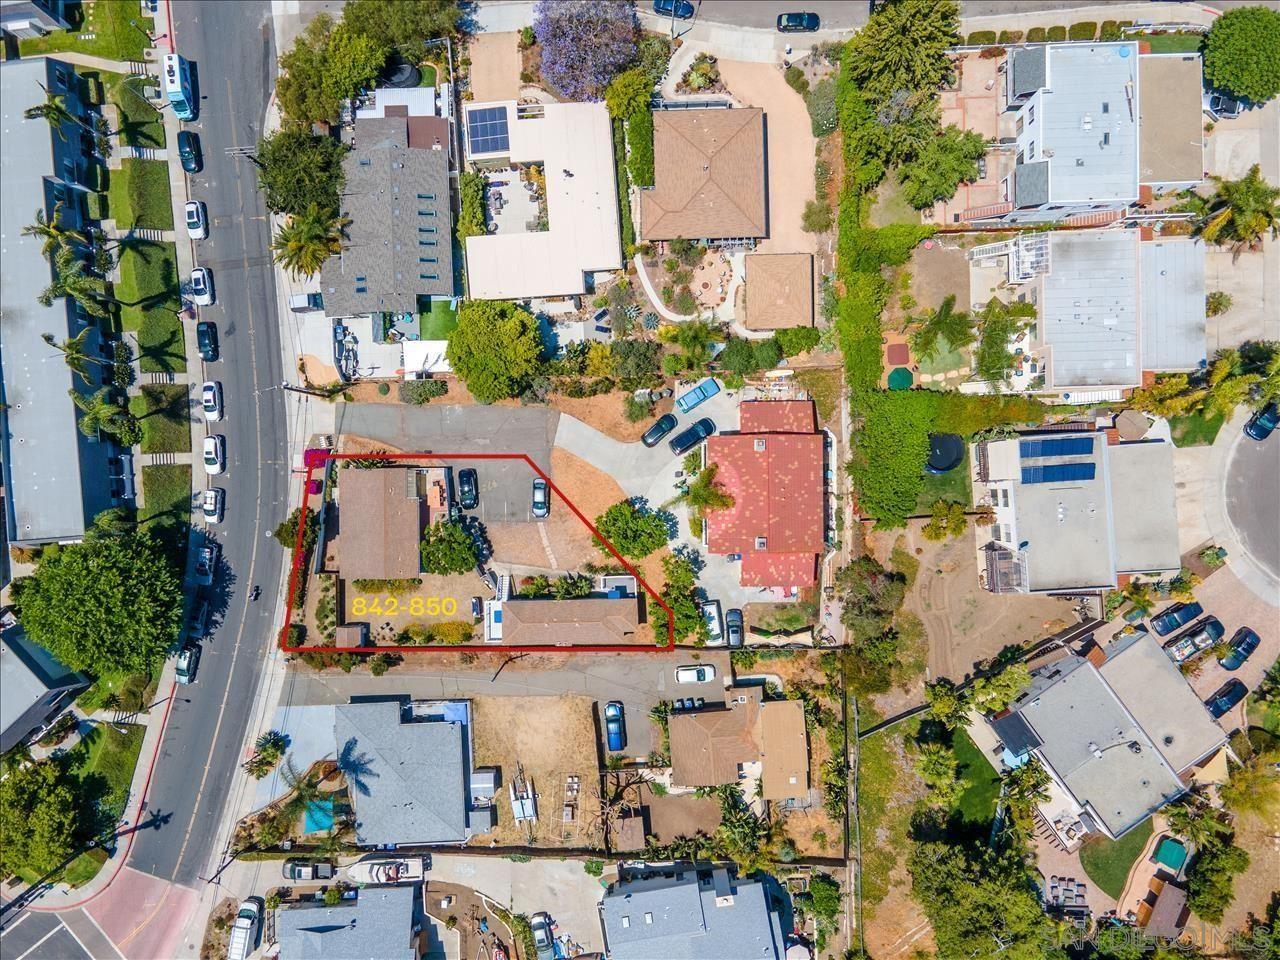 Photo of 842-850 Valley Ave, Solana Beach, CA 92075 (MLS # 210018954)